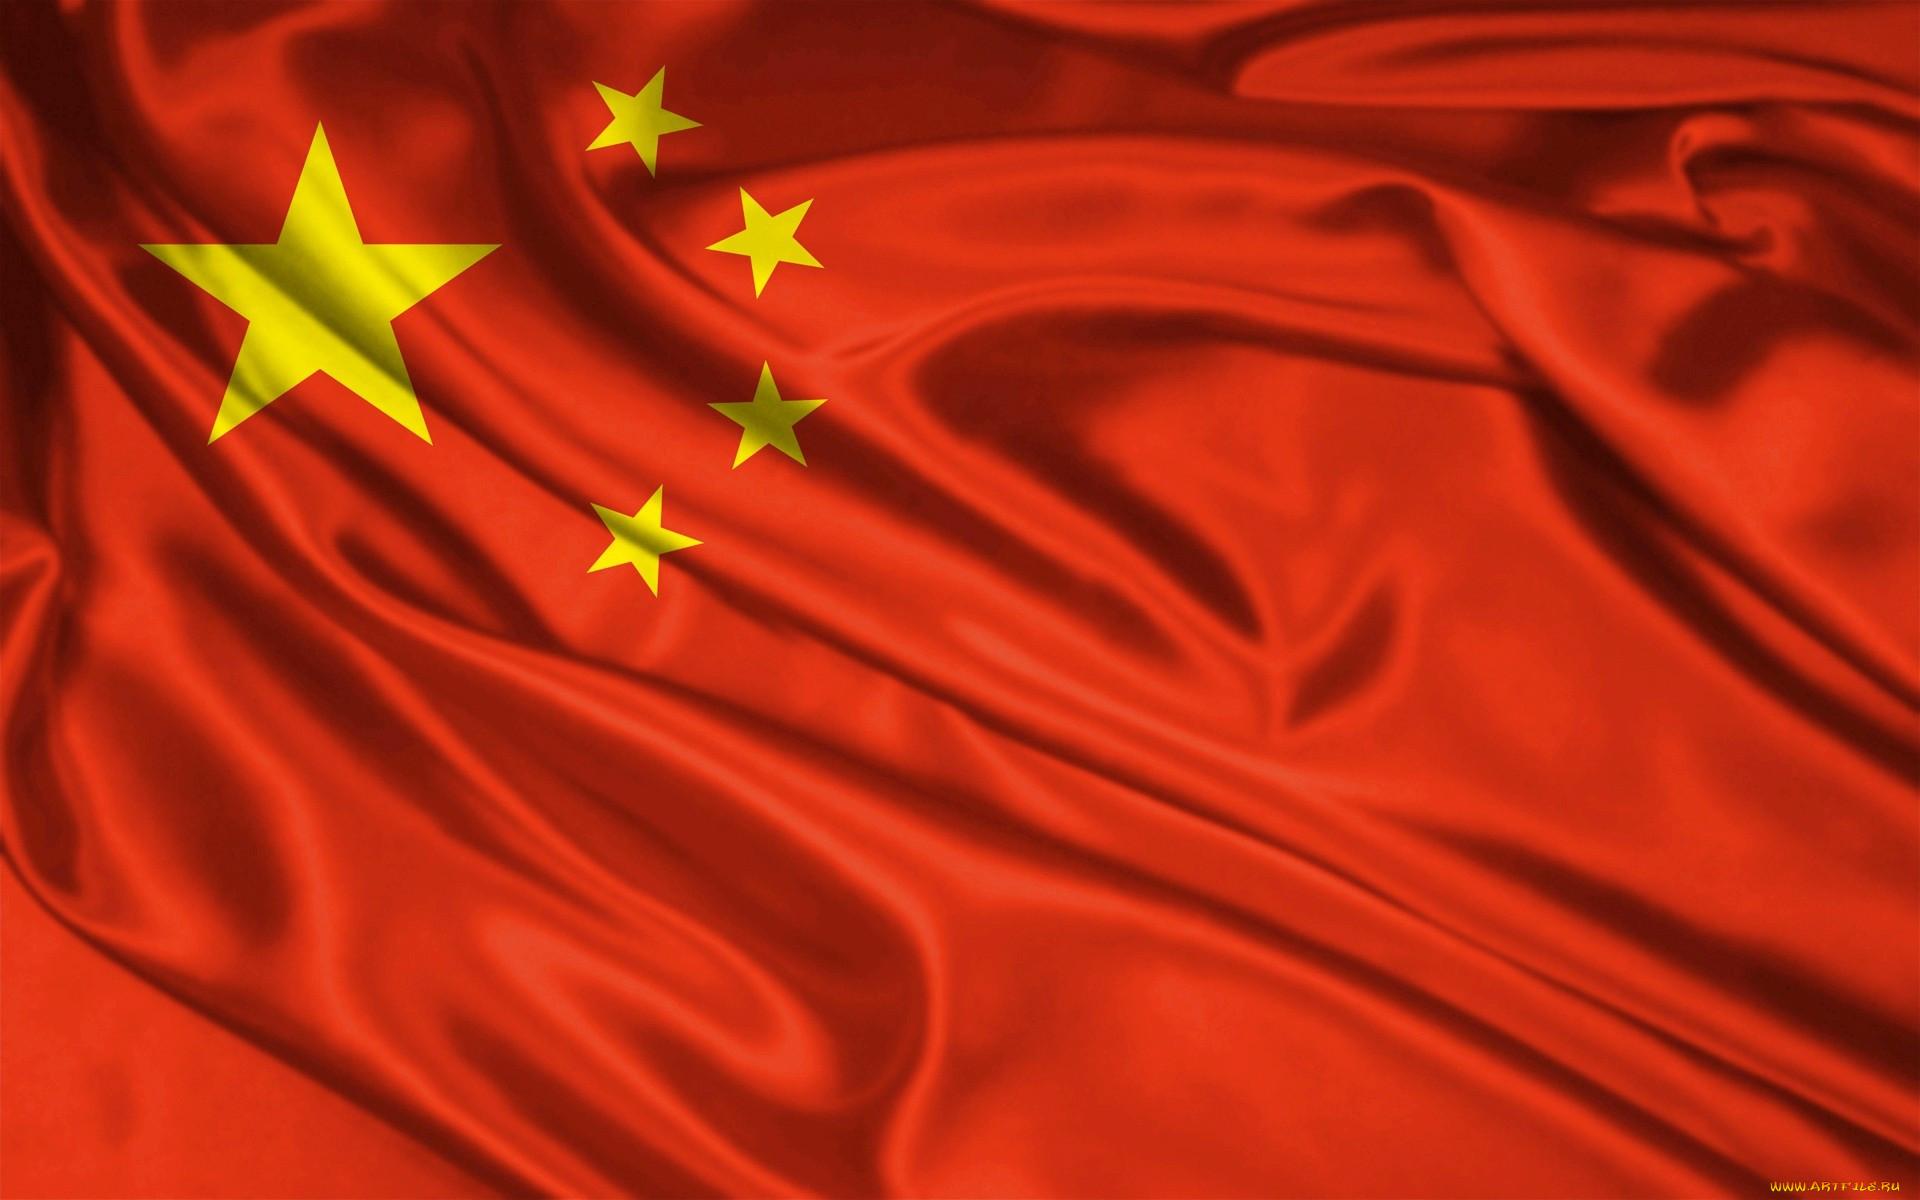 меню флаг китая картинки в хорошем качестве для этого интернет-магазин